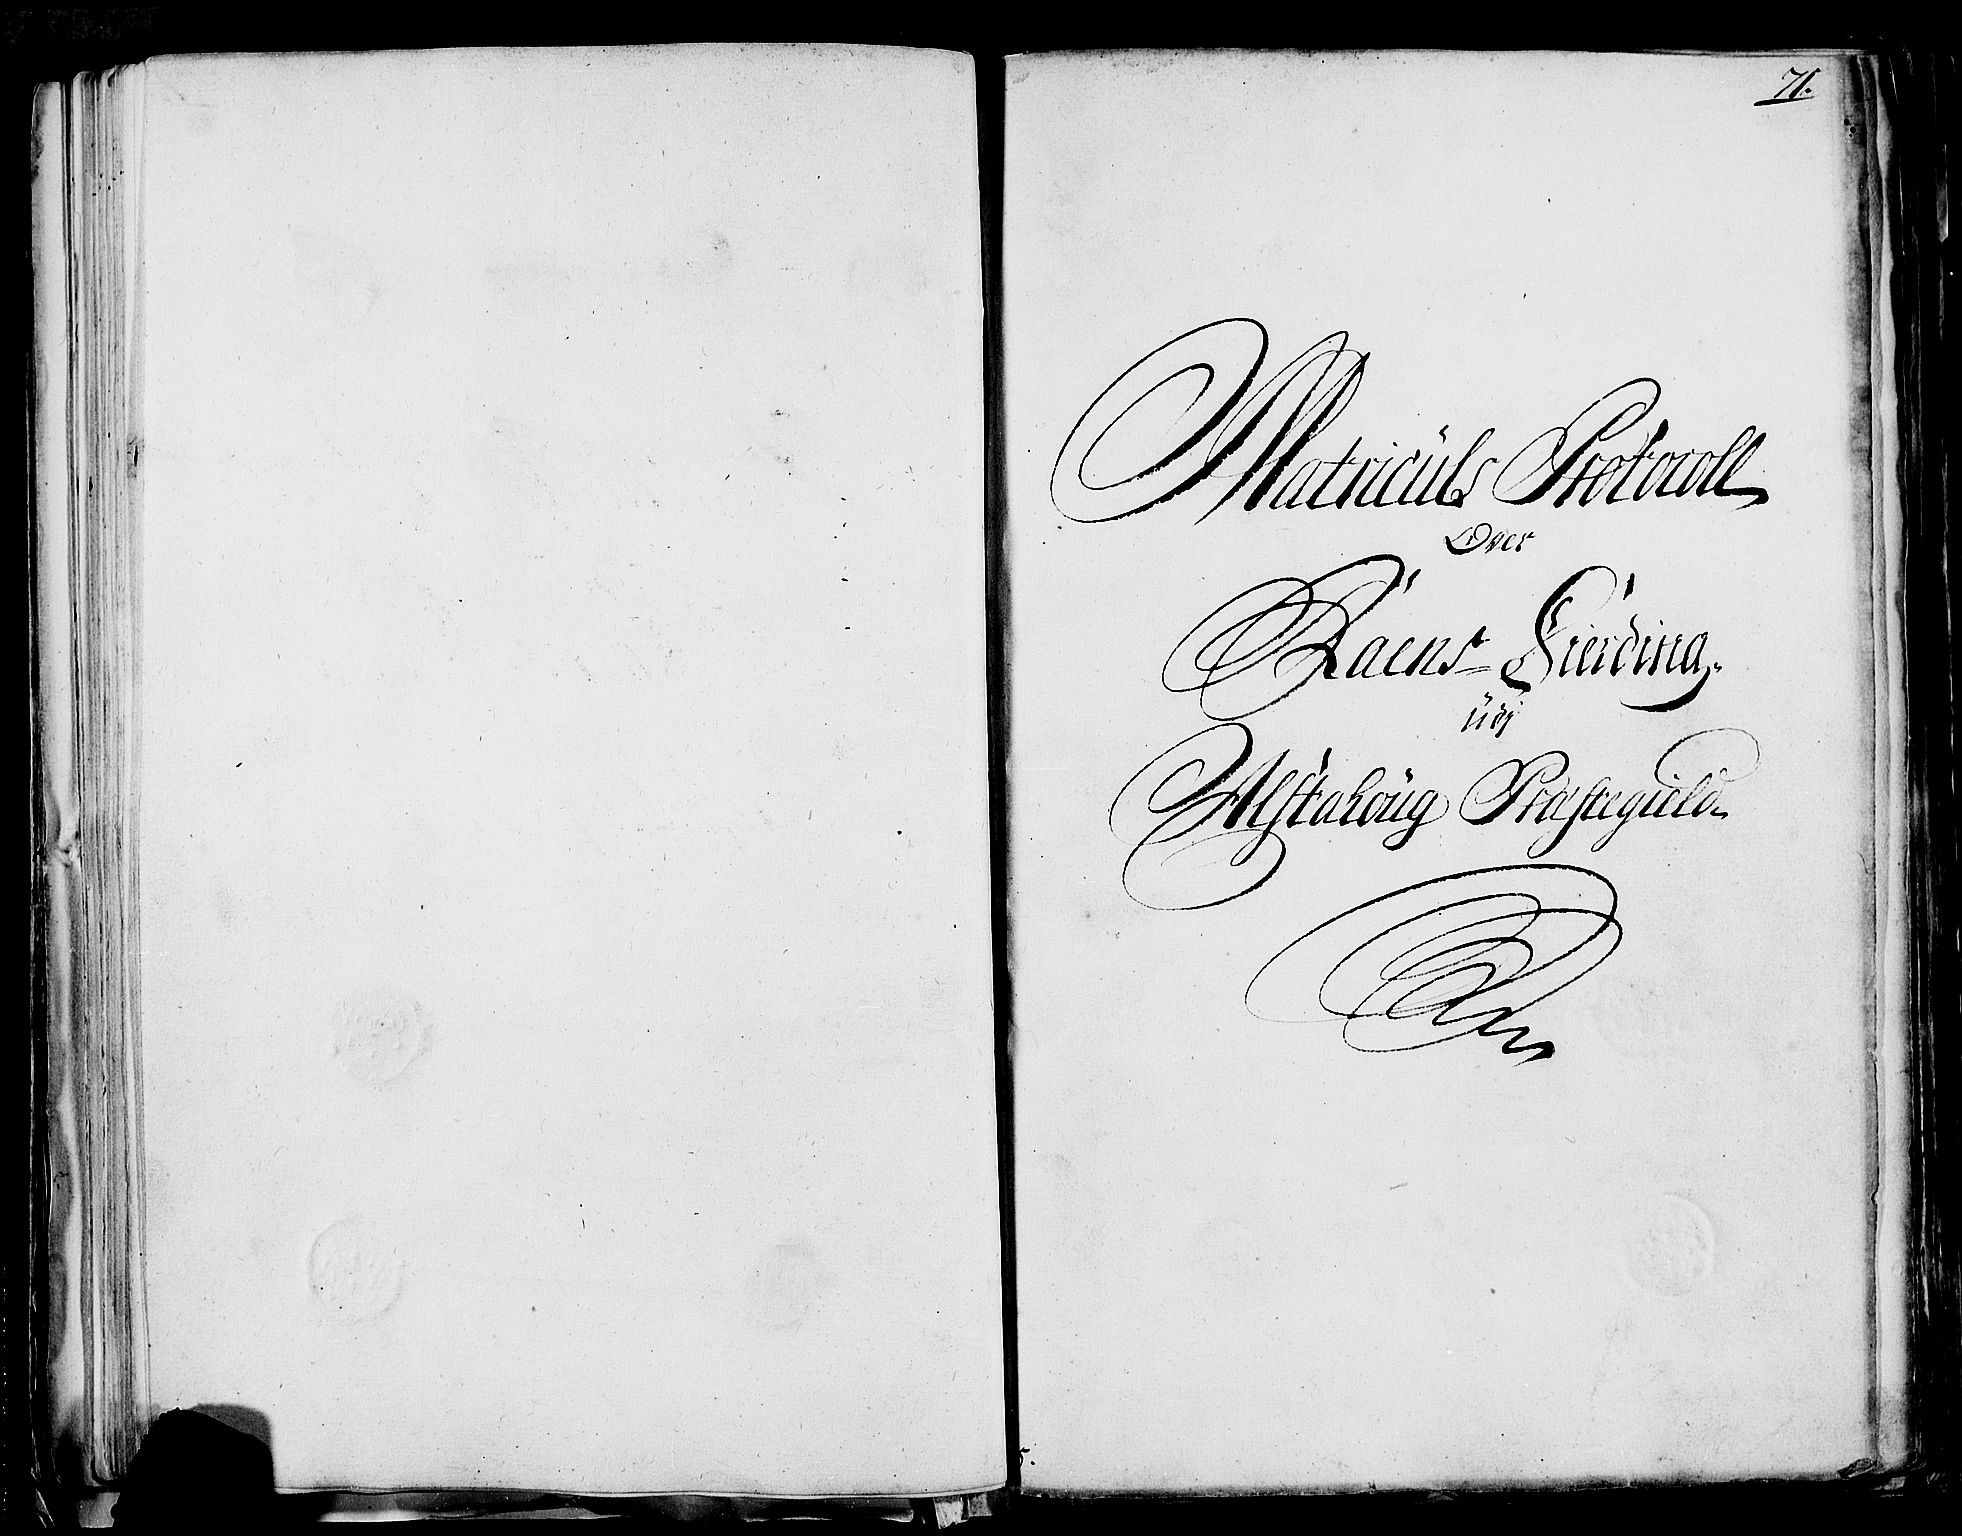 RA, Rentekammeret inntil 1814, Realistisk ordnet avdeling, N/Nb/Nbf/L0170: Helgeland eksaminasjonsprotokoll, 1723, s. 70b-71a